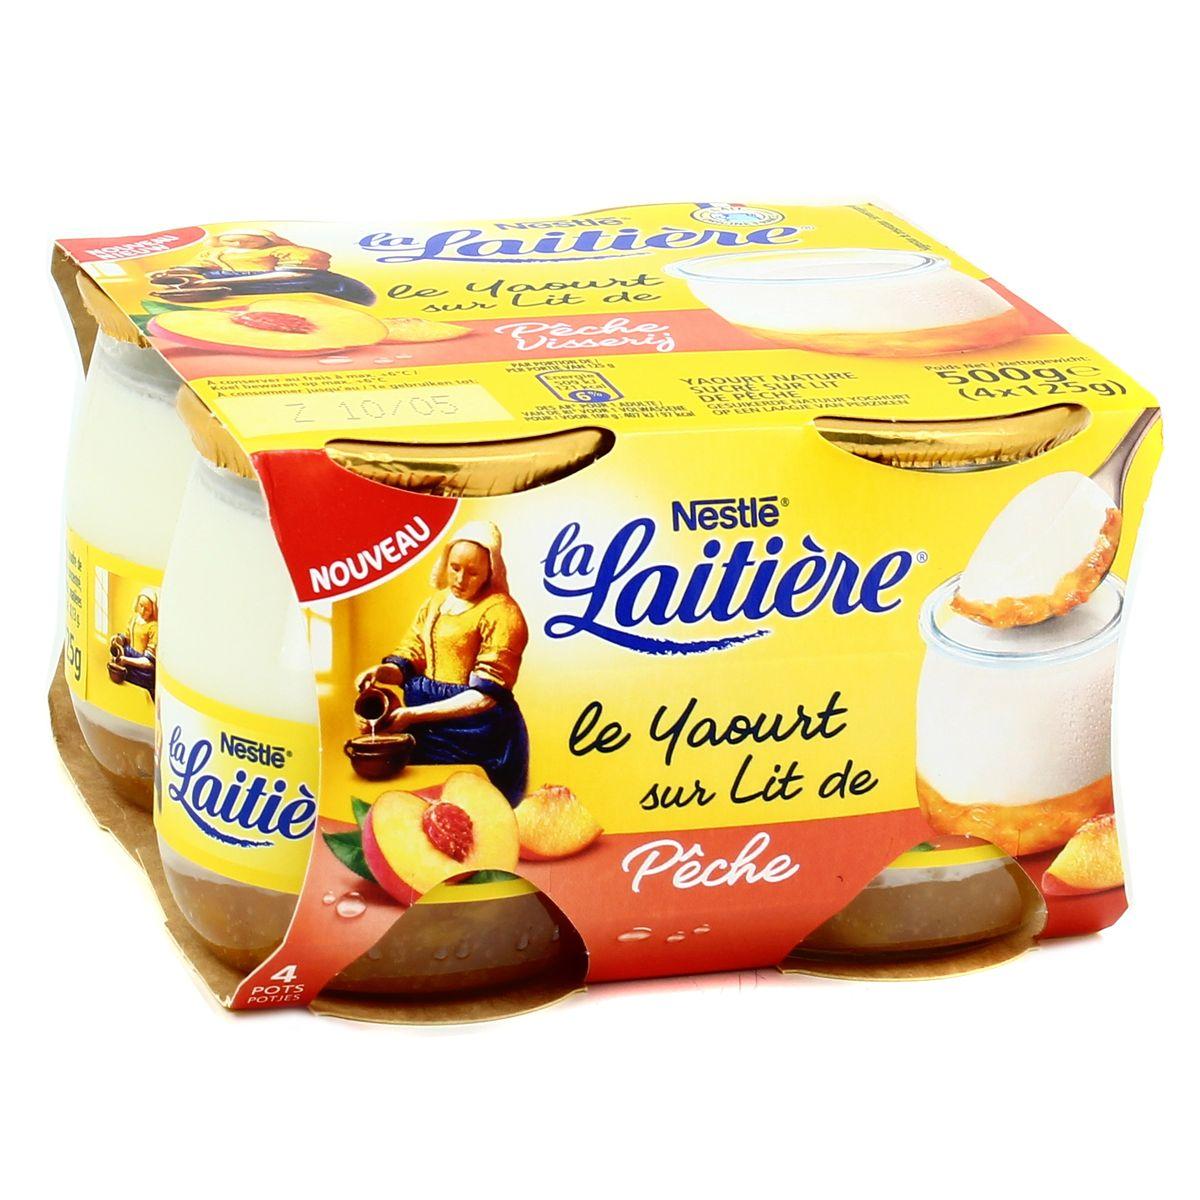 Nestlé rappelle des yaourts La Laitière pour